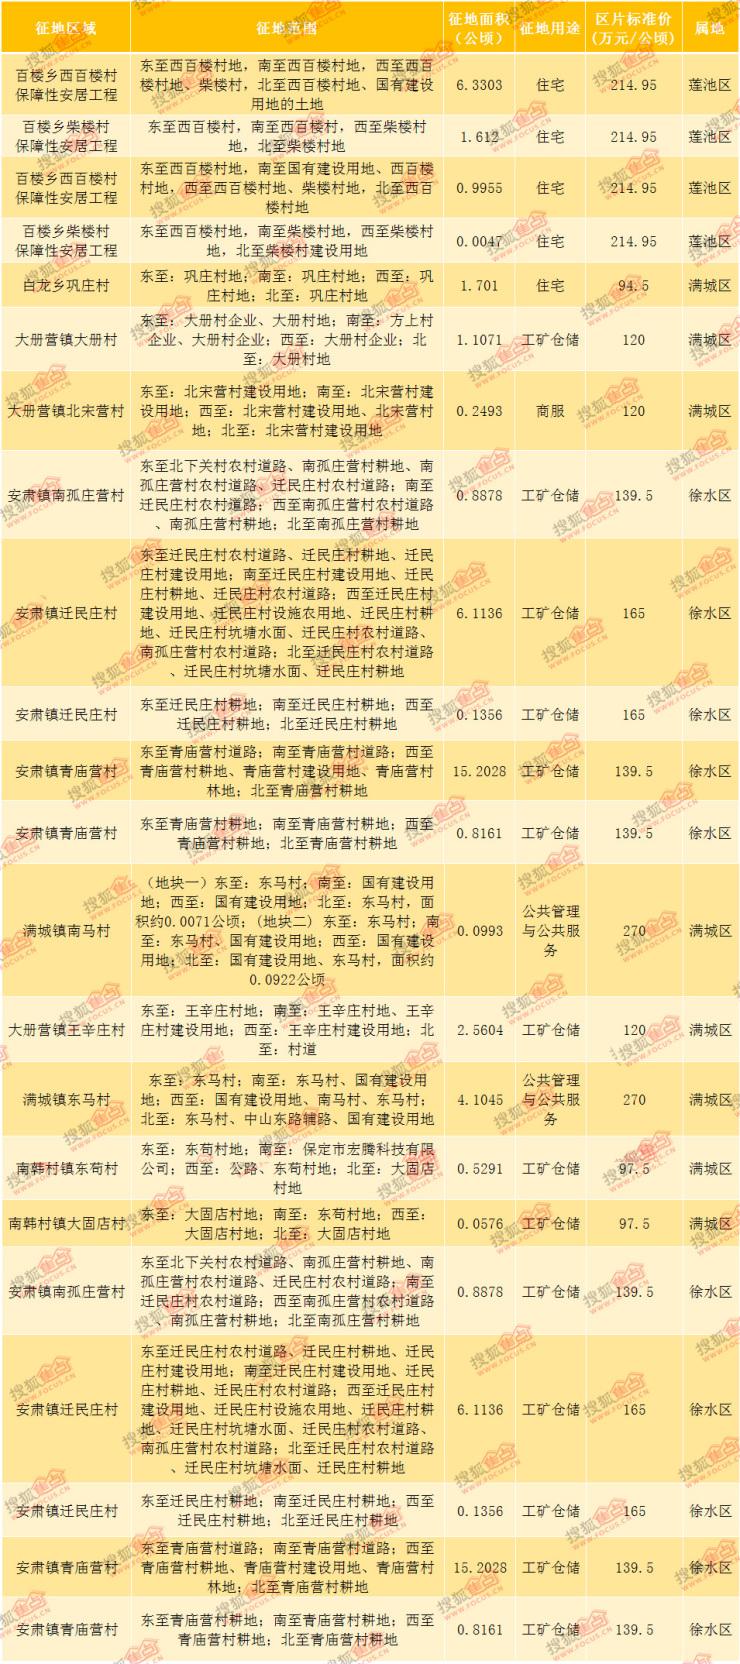 搜狐焦点网:2018年9月保定房地产市场运行报告